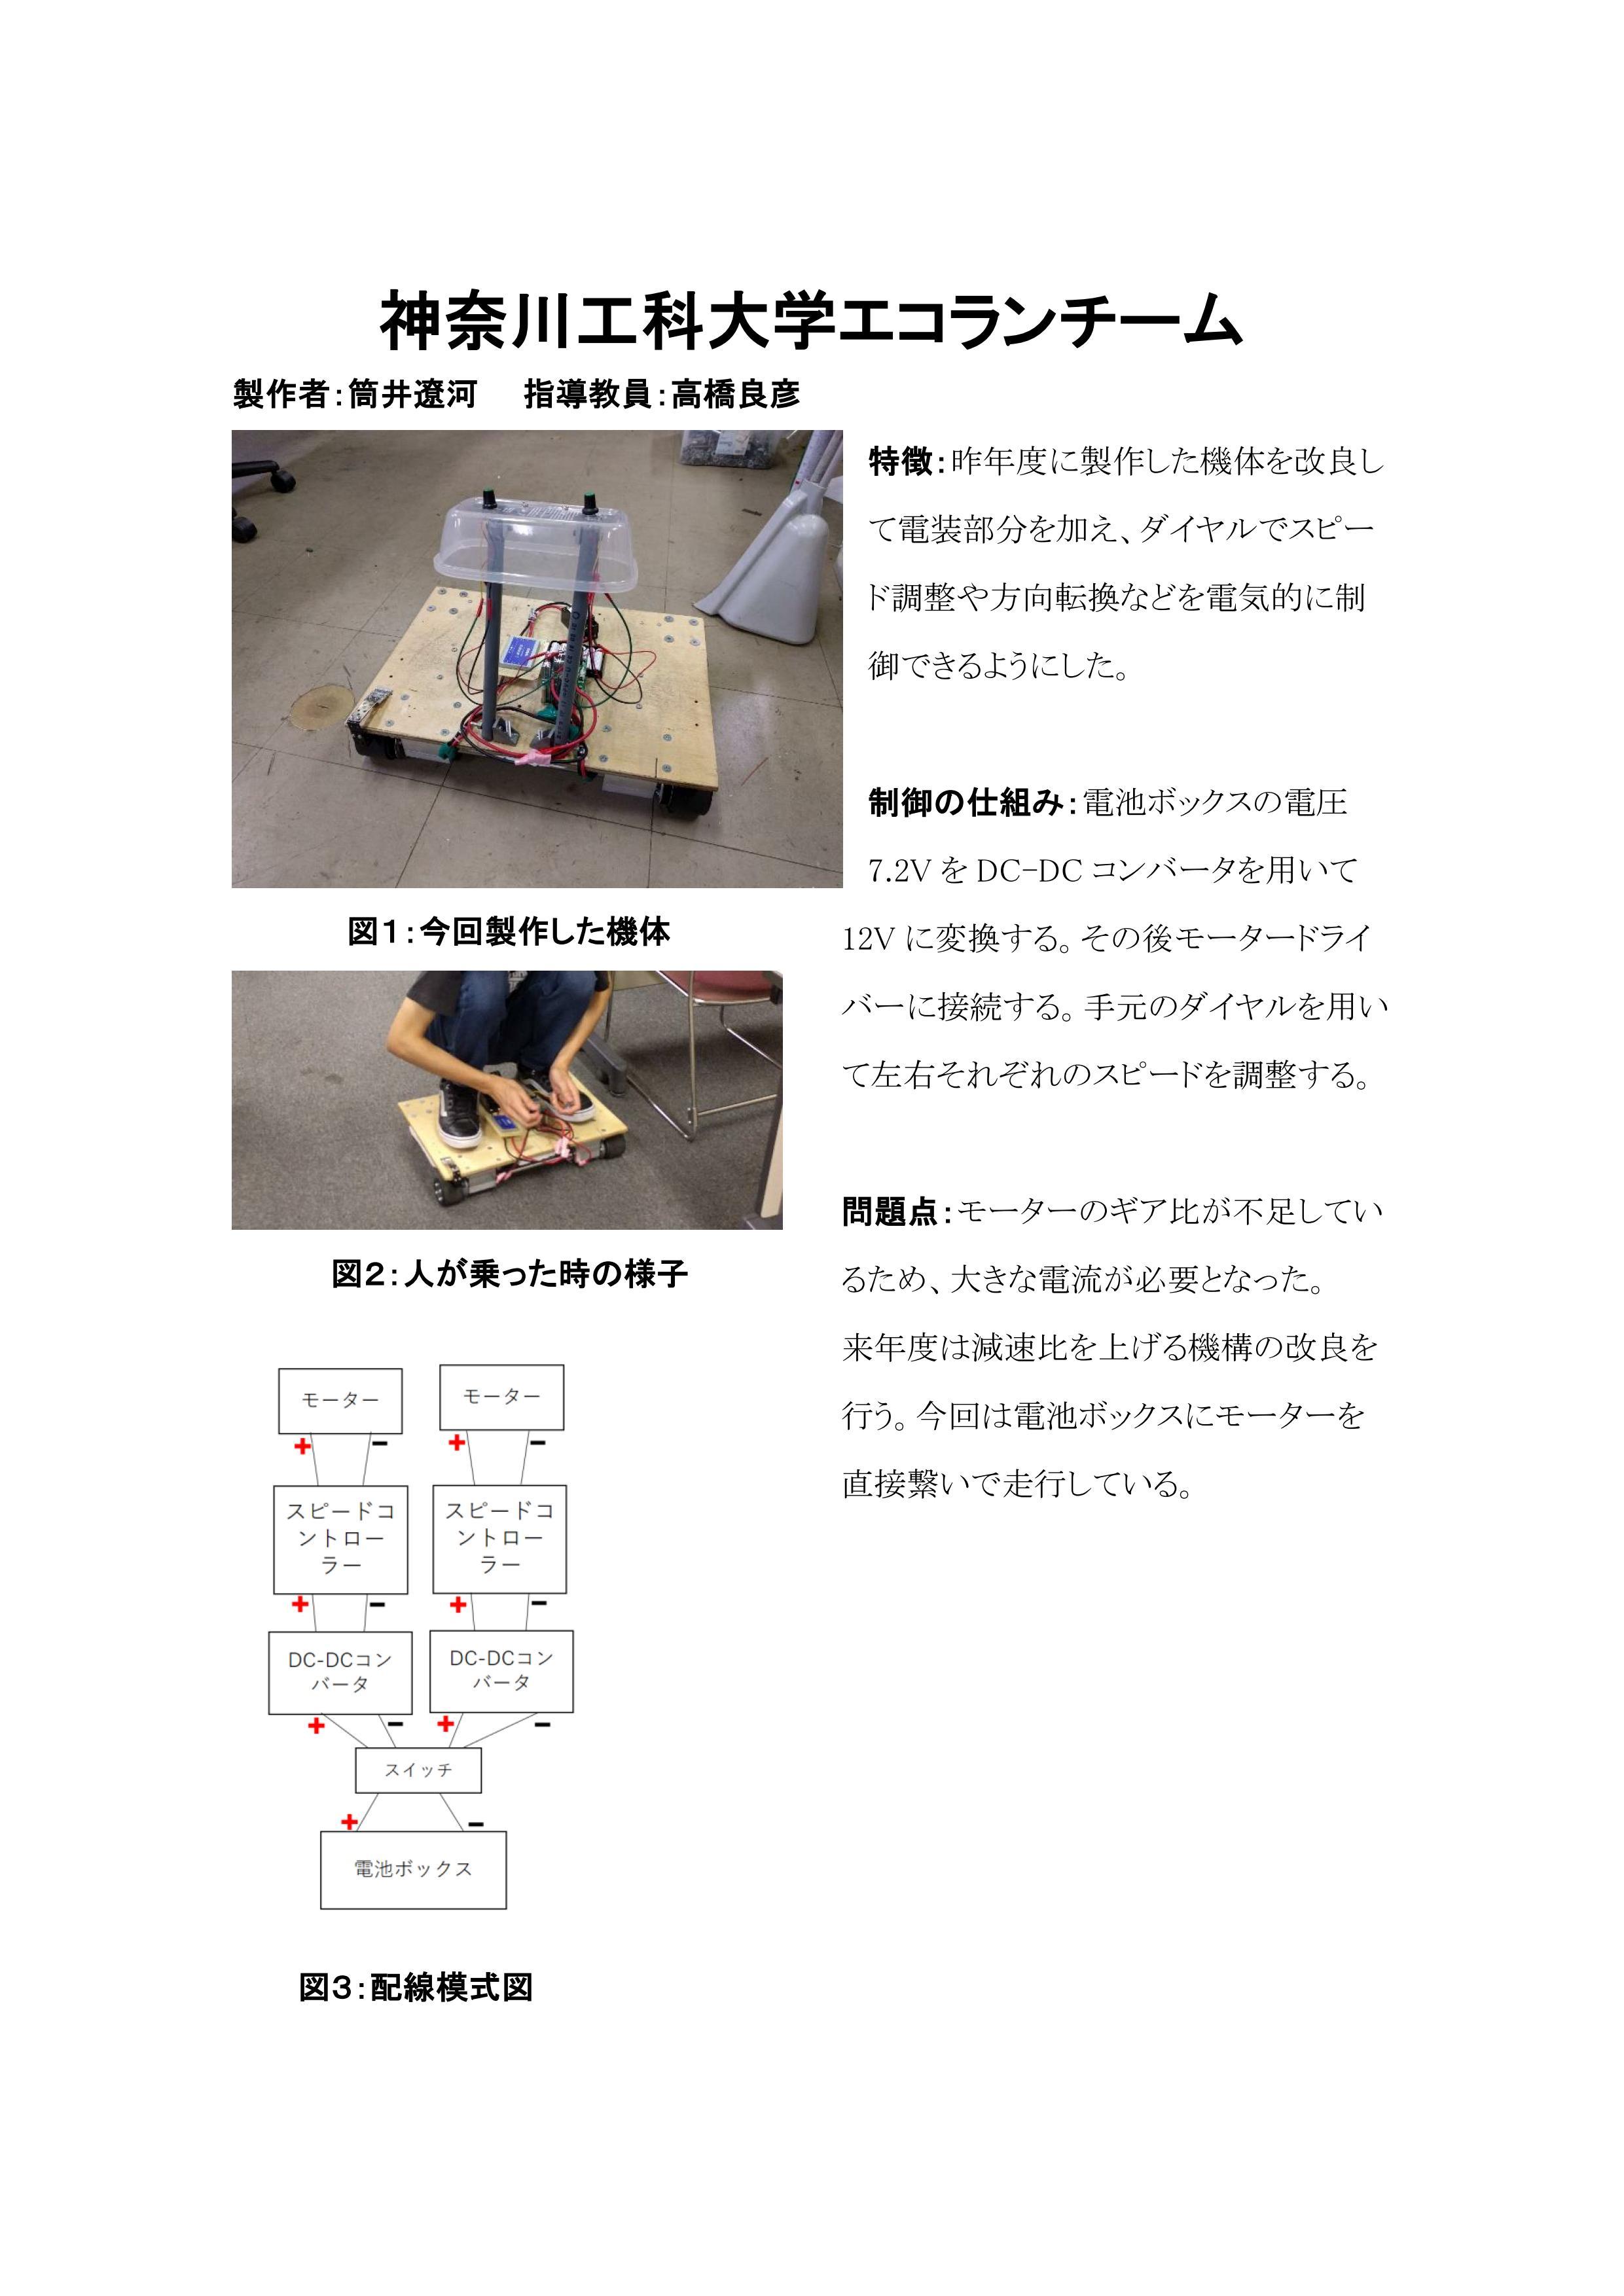 04_エコ電動車技術講演会2020ポスター_神奈川工科大学_神奈川工科大学エコランチーム